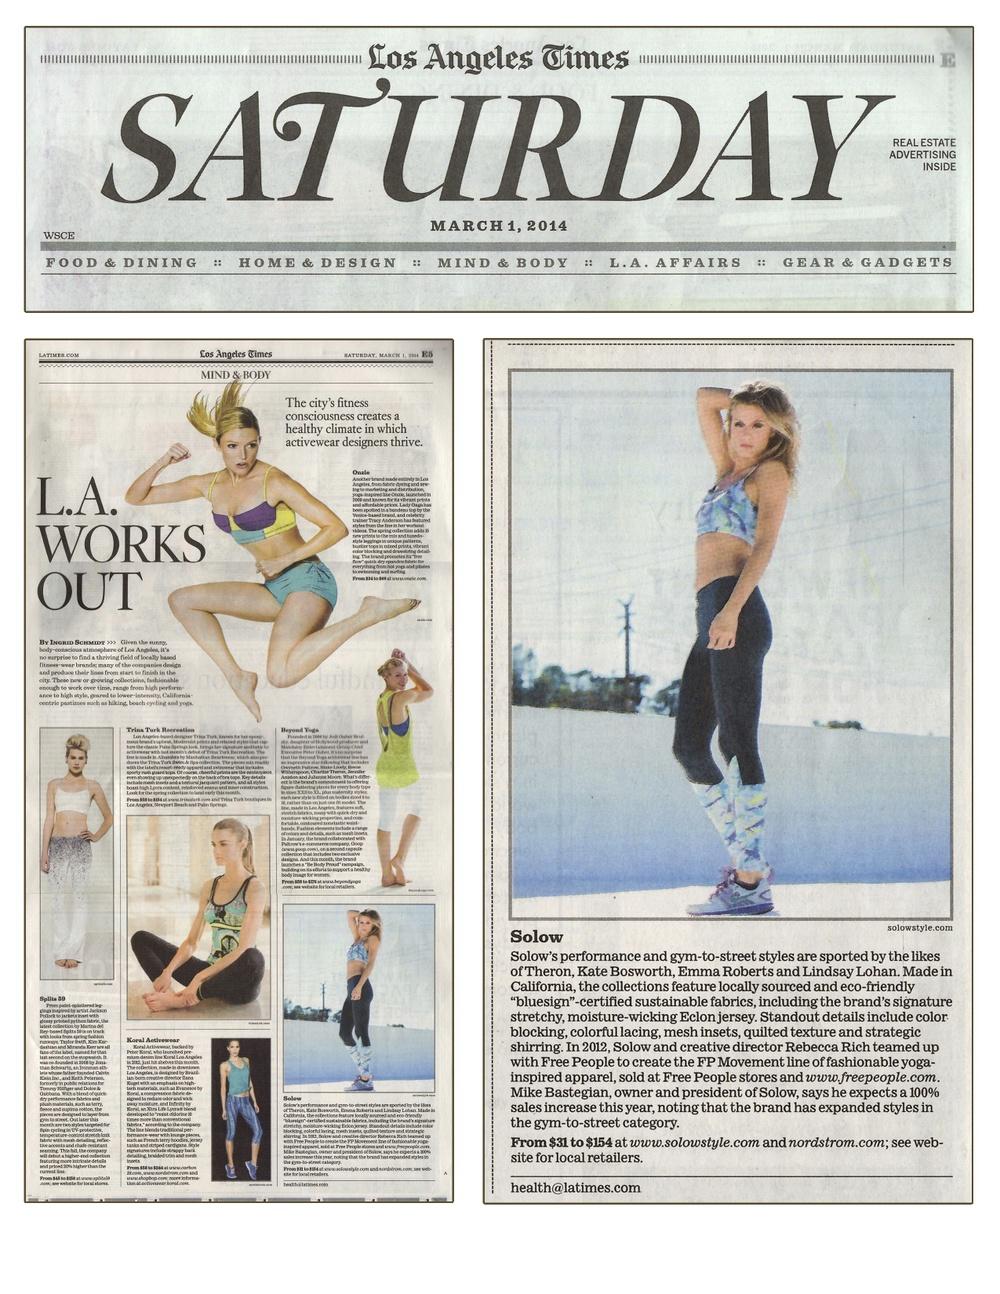 March 1, 2014 - LA Times - SOLOW.jpg